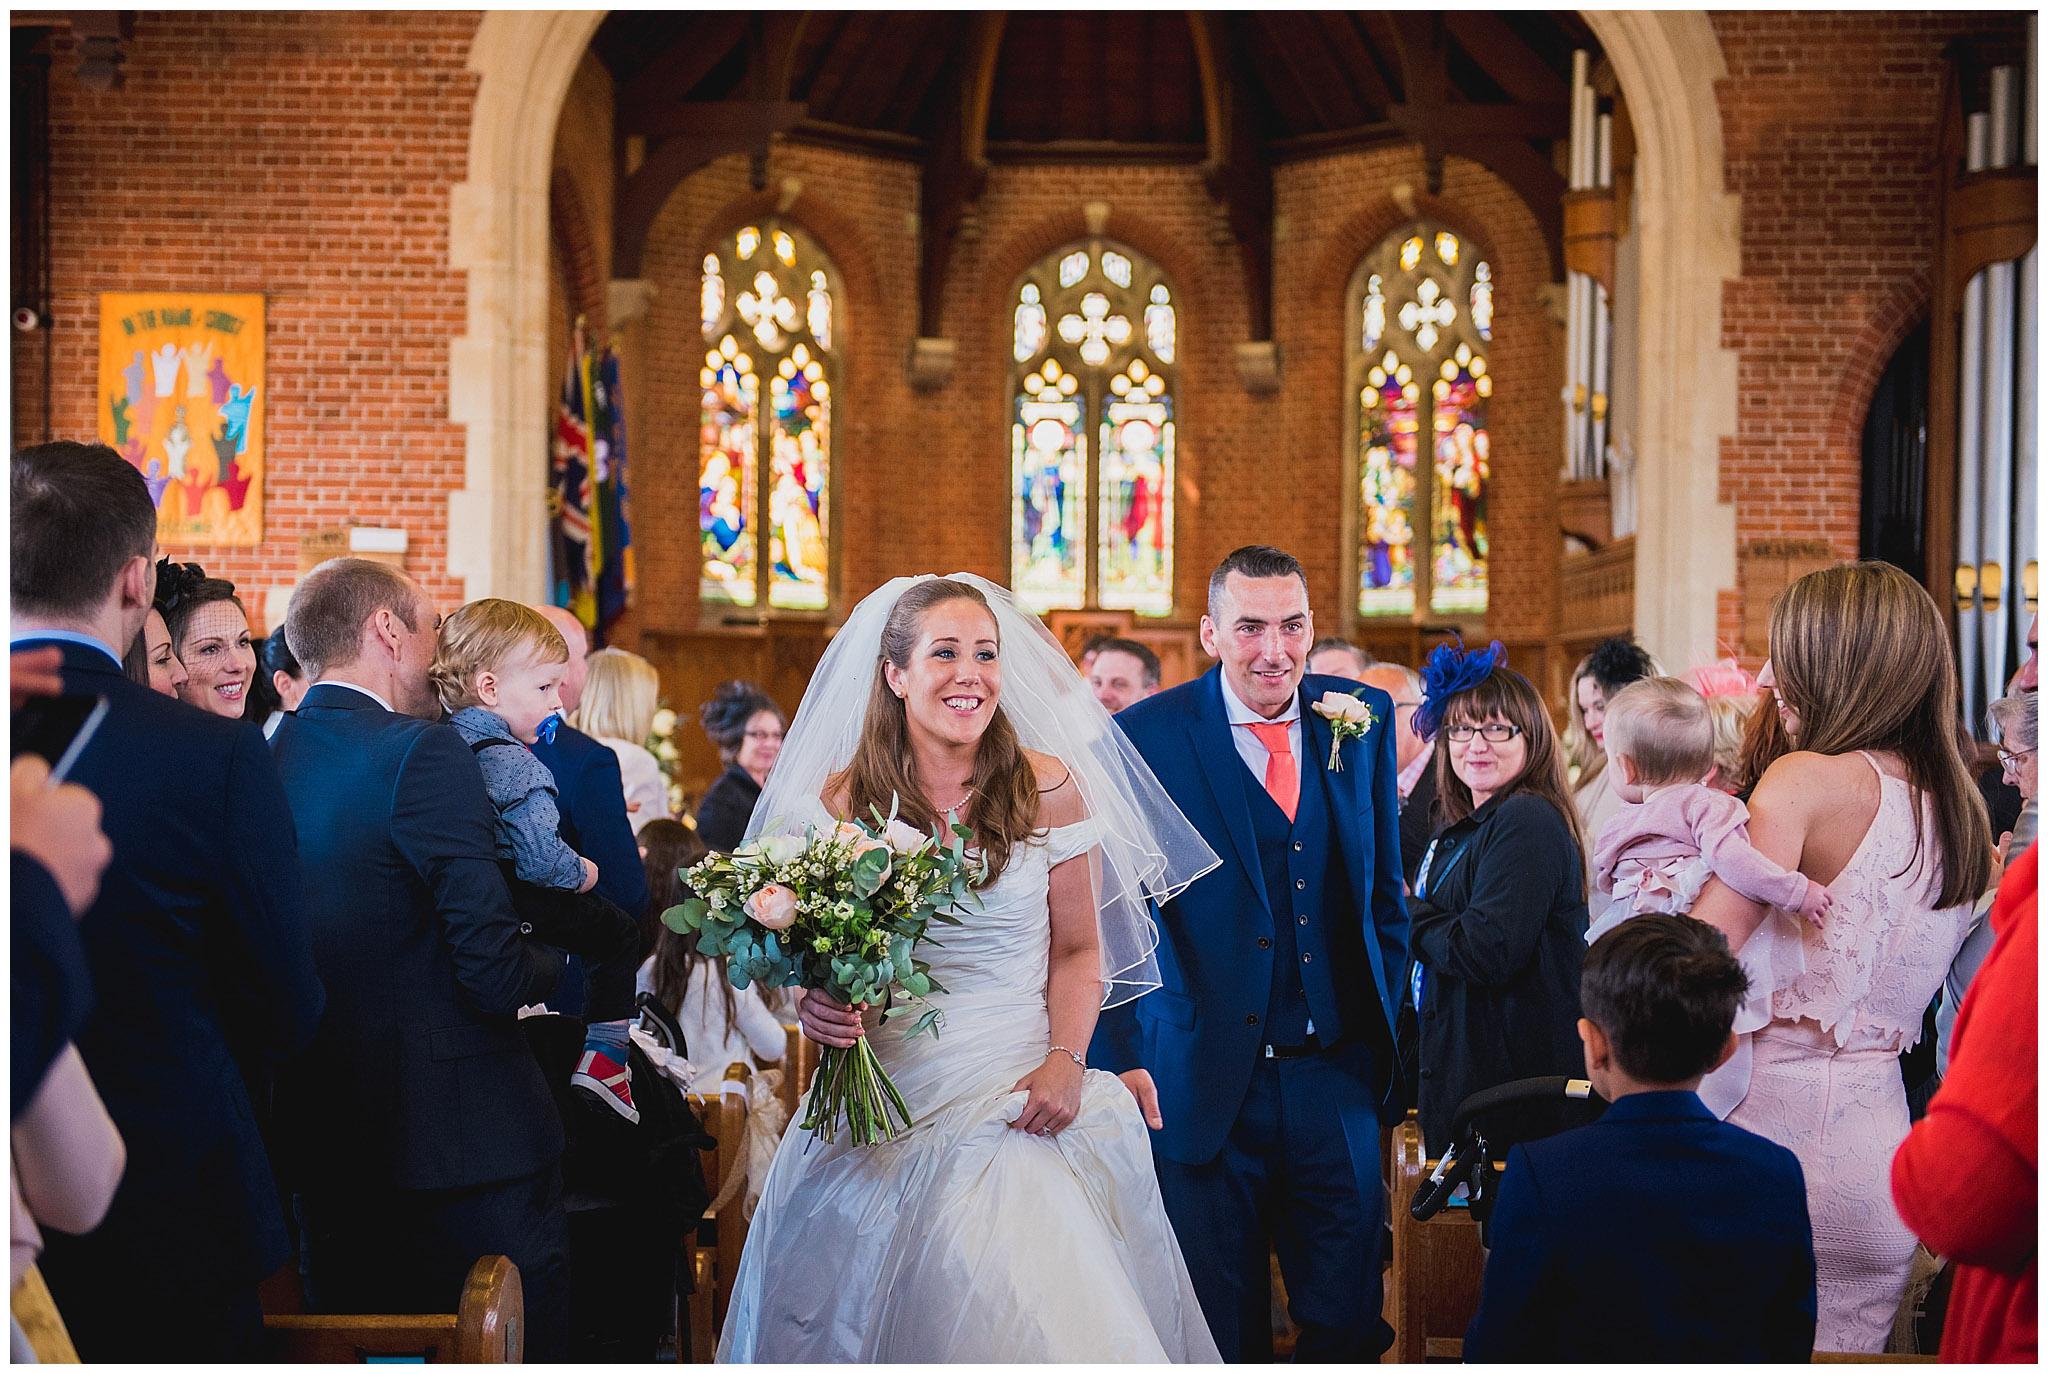 Katie-&-Steve-Victoria-Park-Methodist-Chruch-Winton-&-The-Manor-Burton-Christchurch-Wedding-29